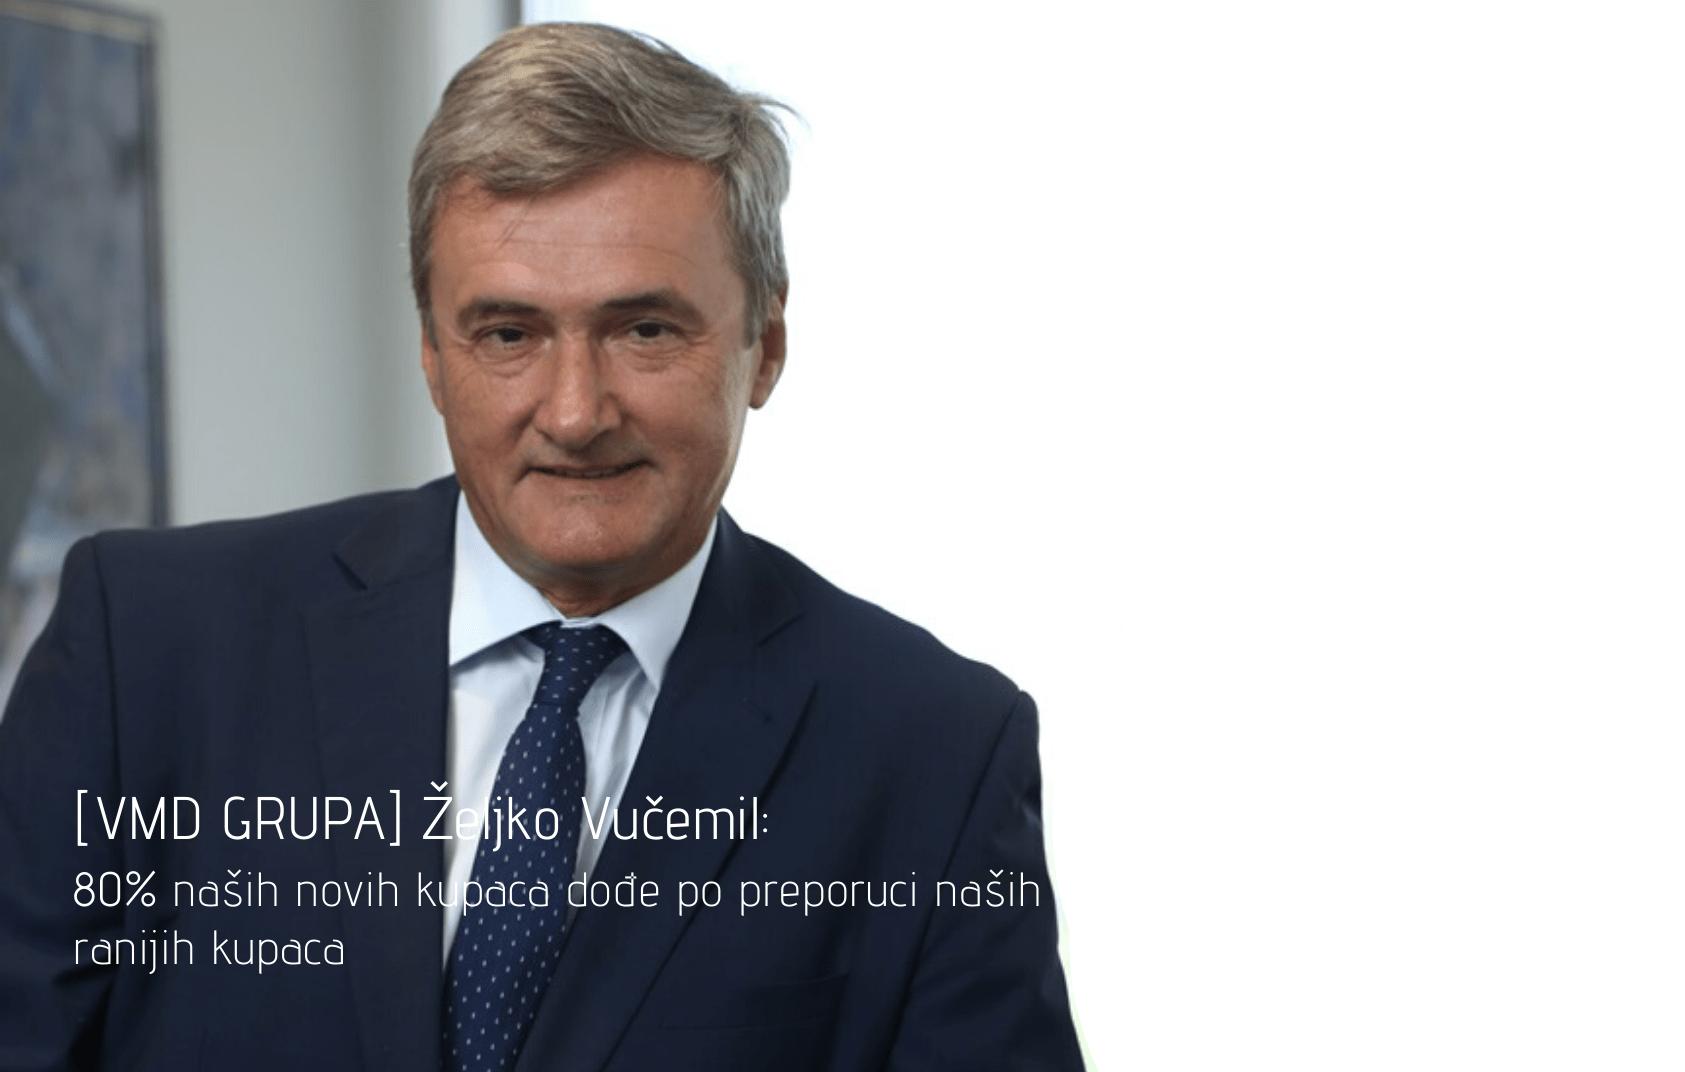 [VMD GRUPA] Željko Vučemil: 80% naših novih kupaca dođe po preporuci naših ranijih kupaca